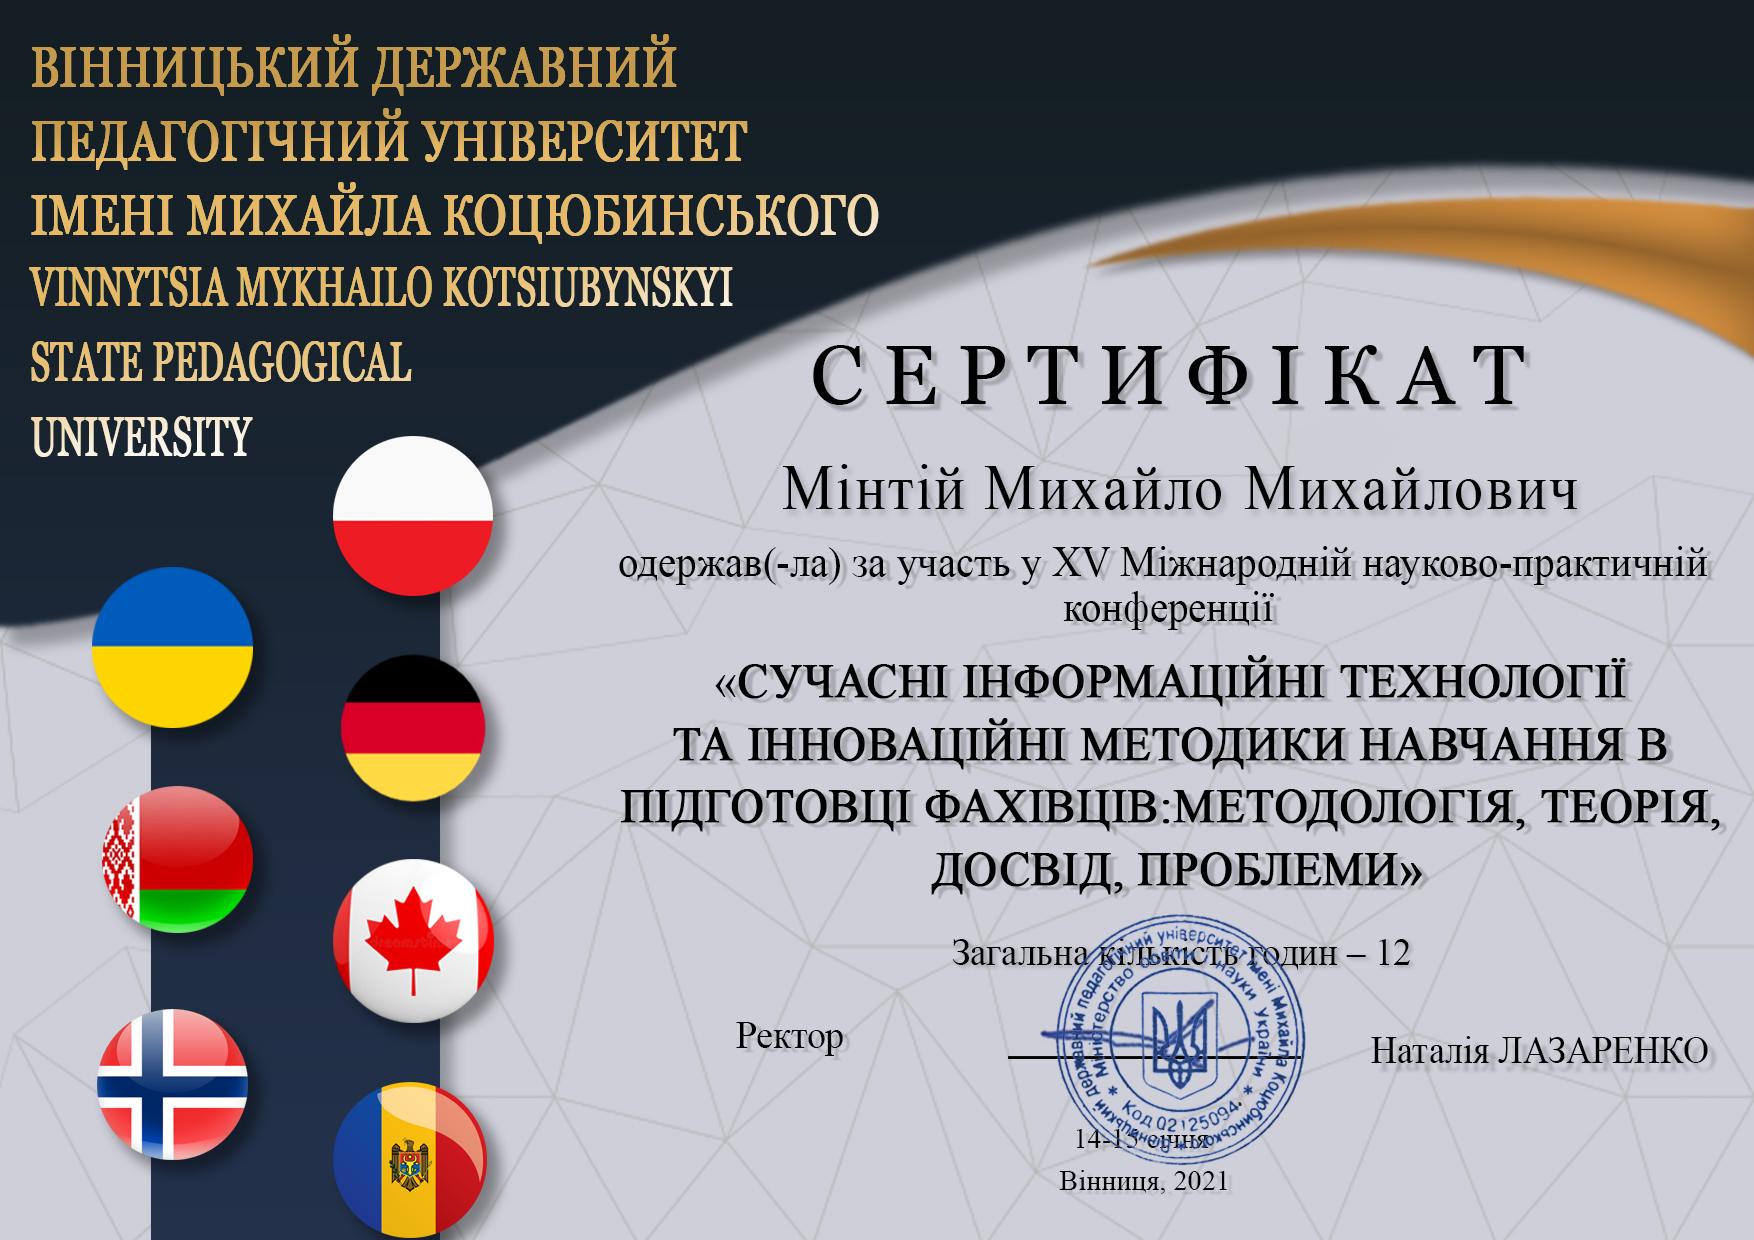 Мінтій Михайло Михайлович